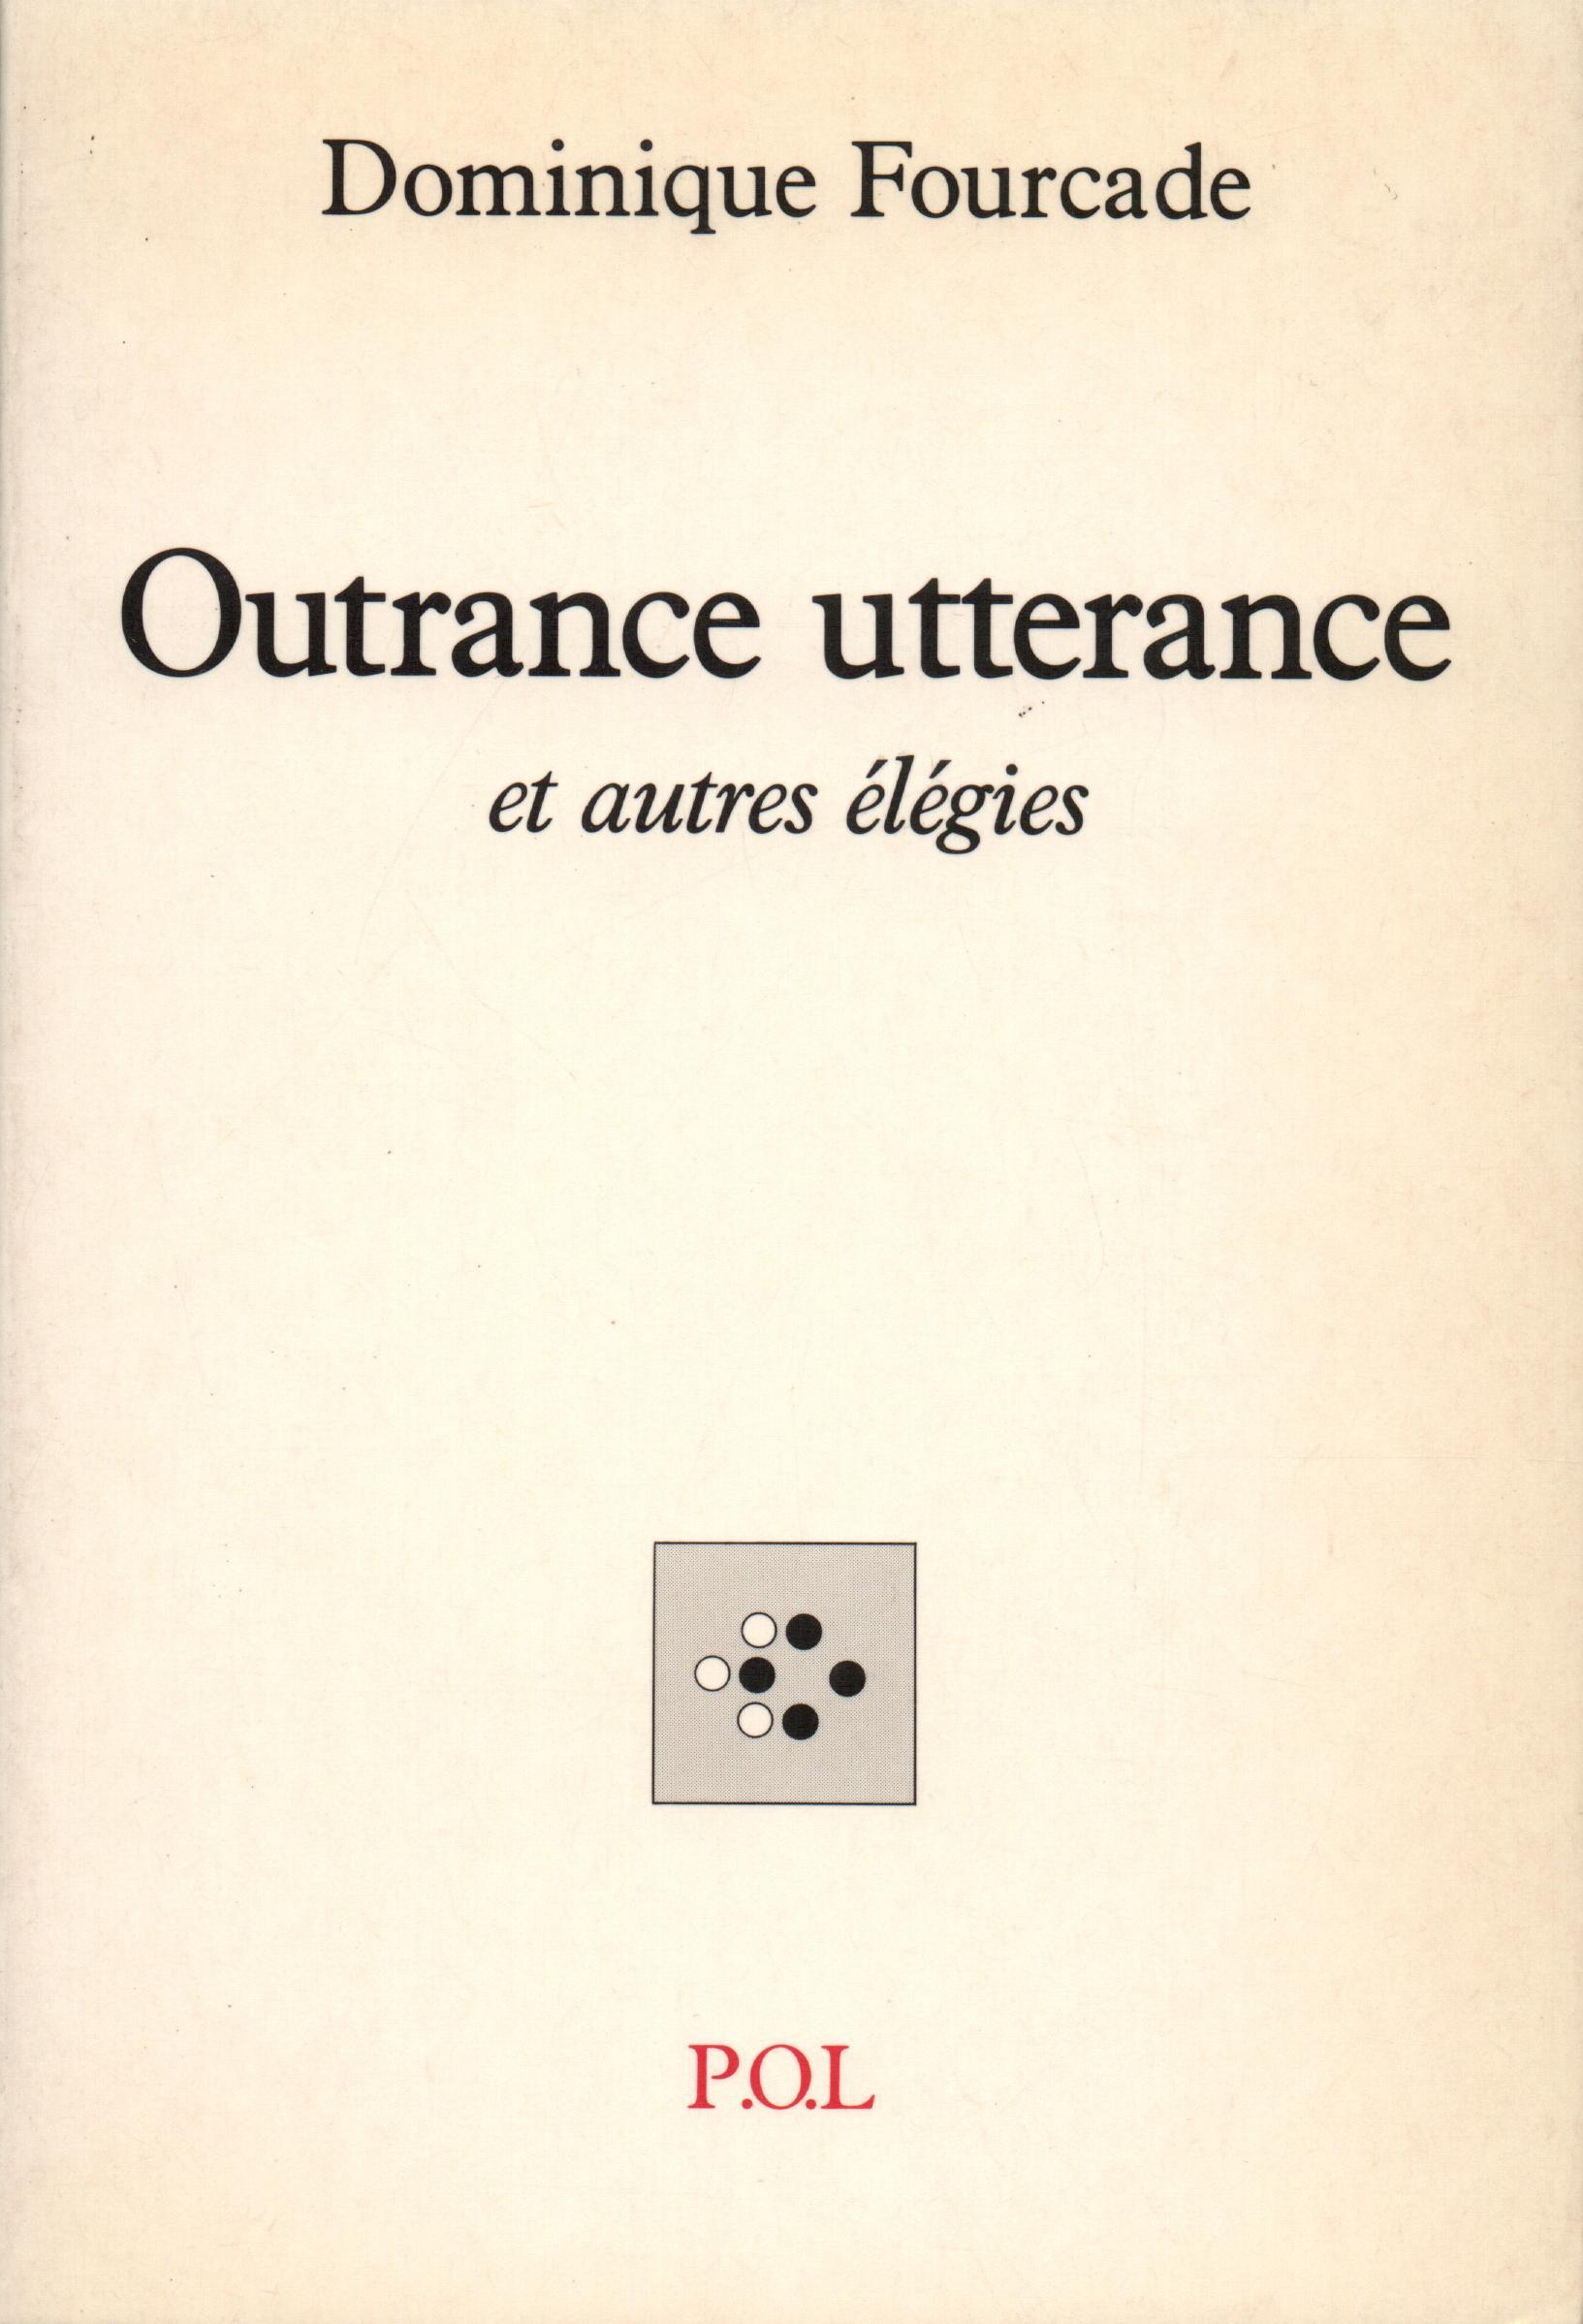 Outrance utterance et autres élégies